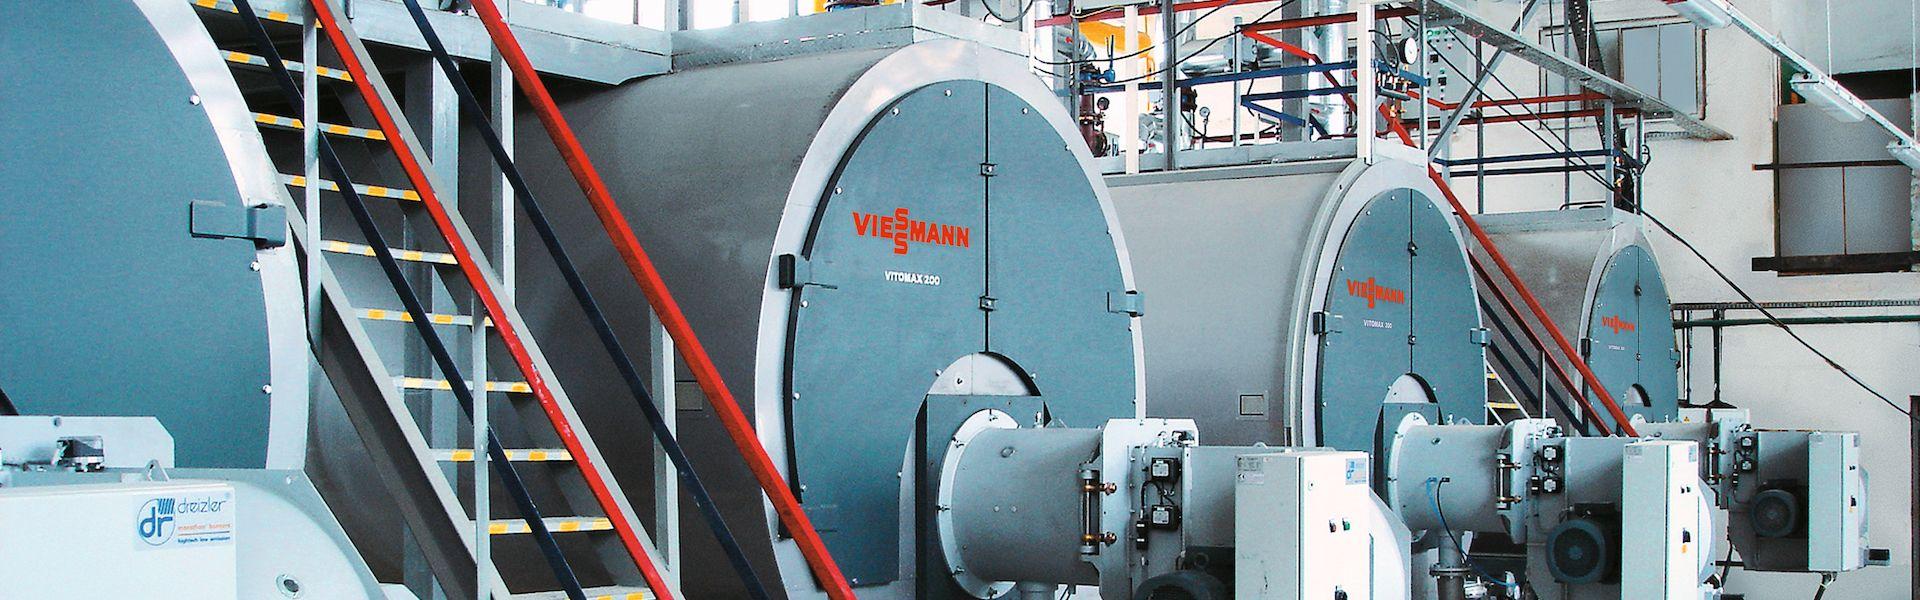 Generatori-vapore-industria-alimentare-compressor